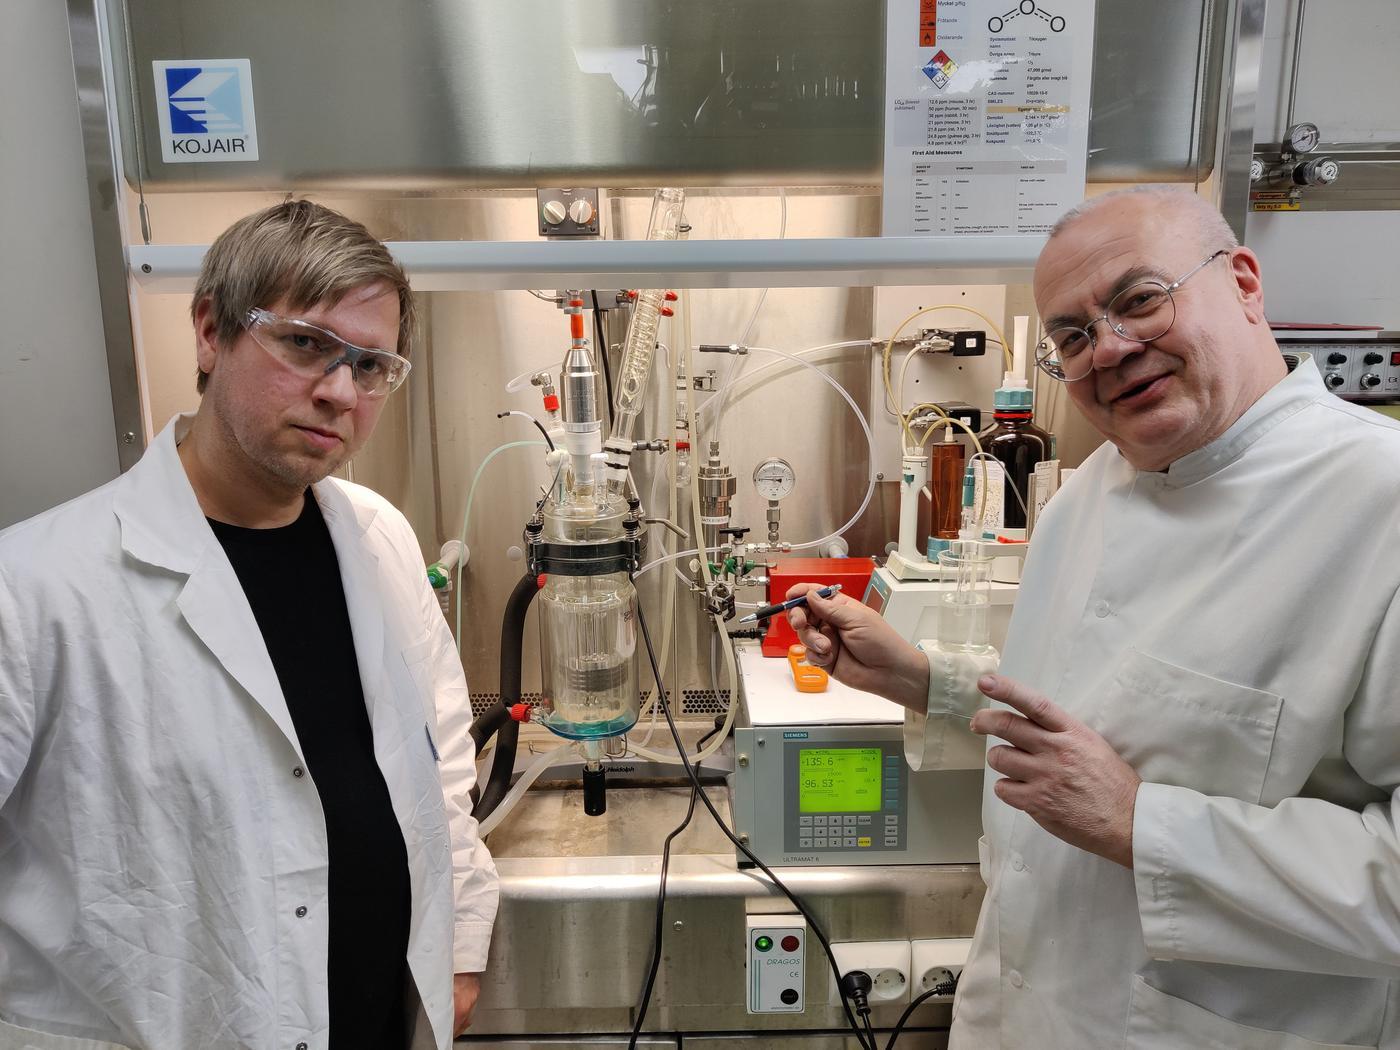 Två män i ett laboratorium.